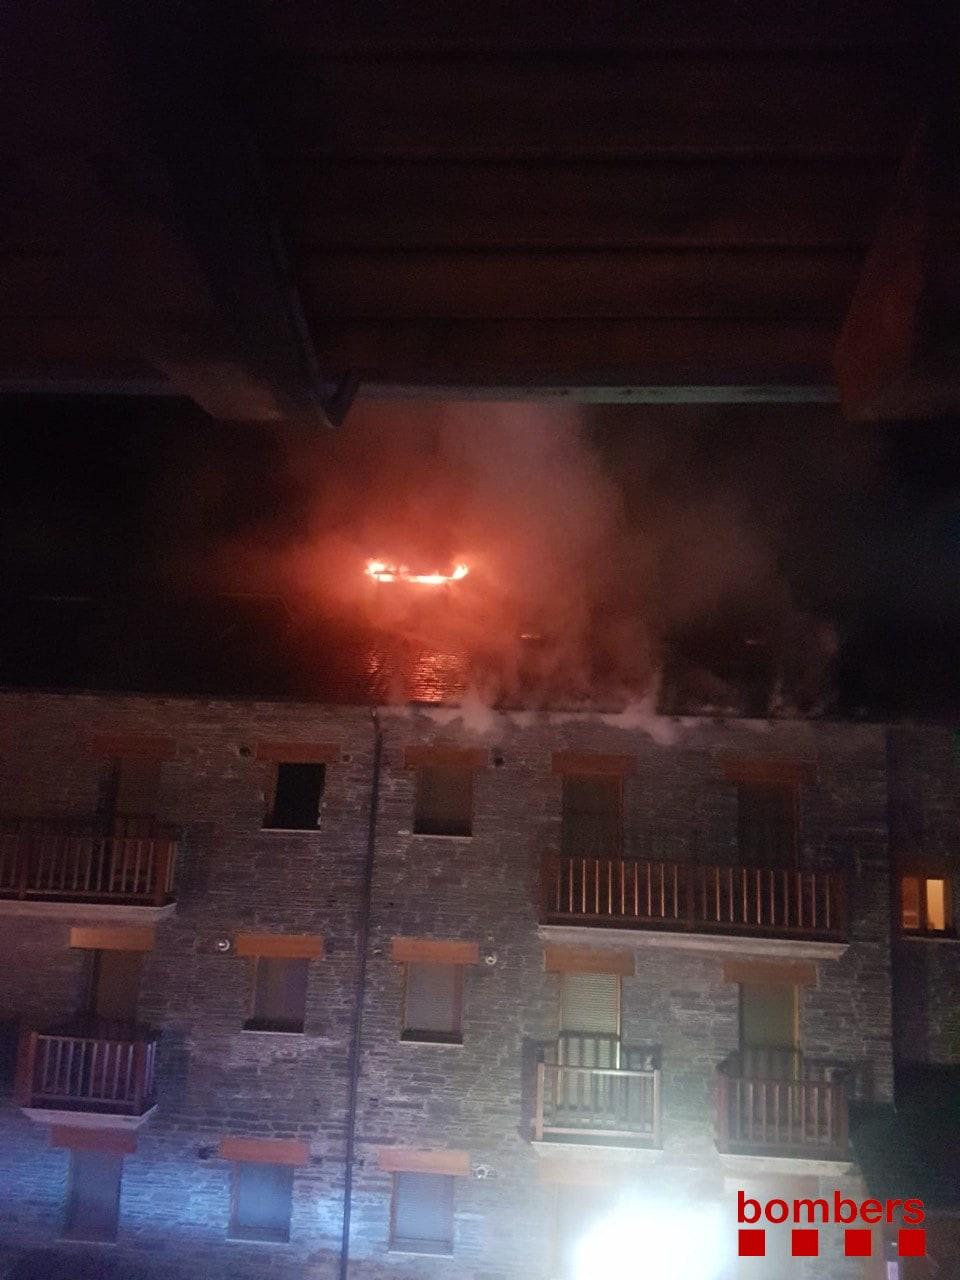 L'incendi en un edifici obliga a desallotjar set persones a Bellver de Cerdanya